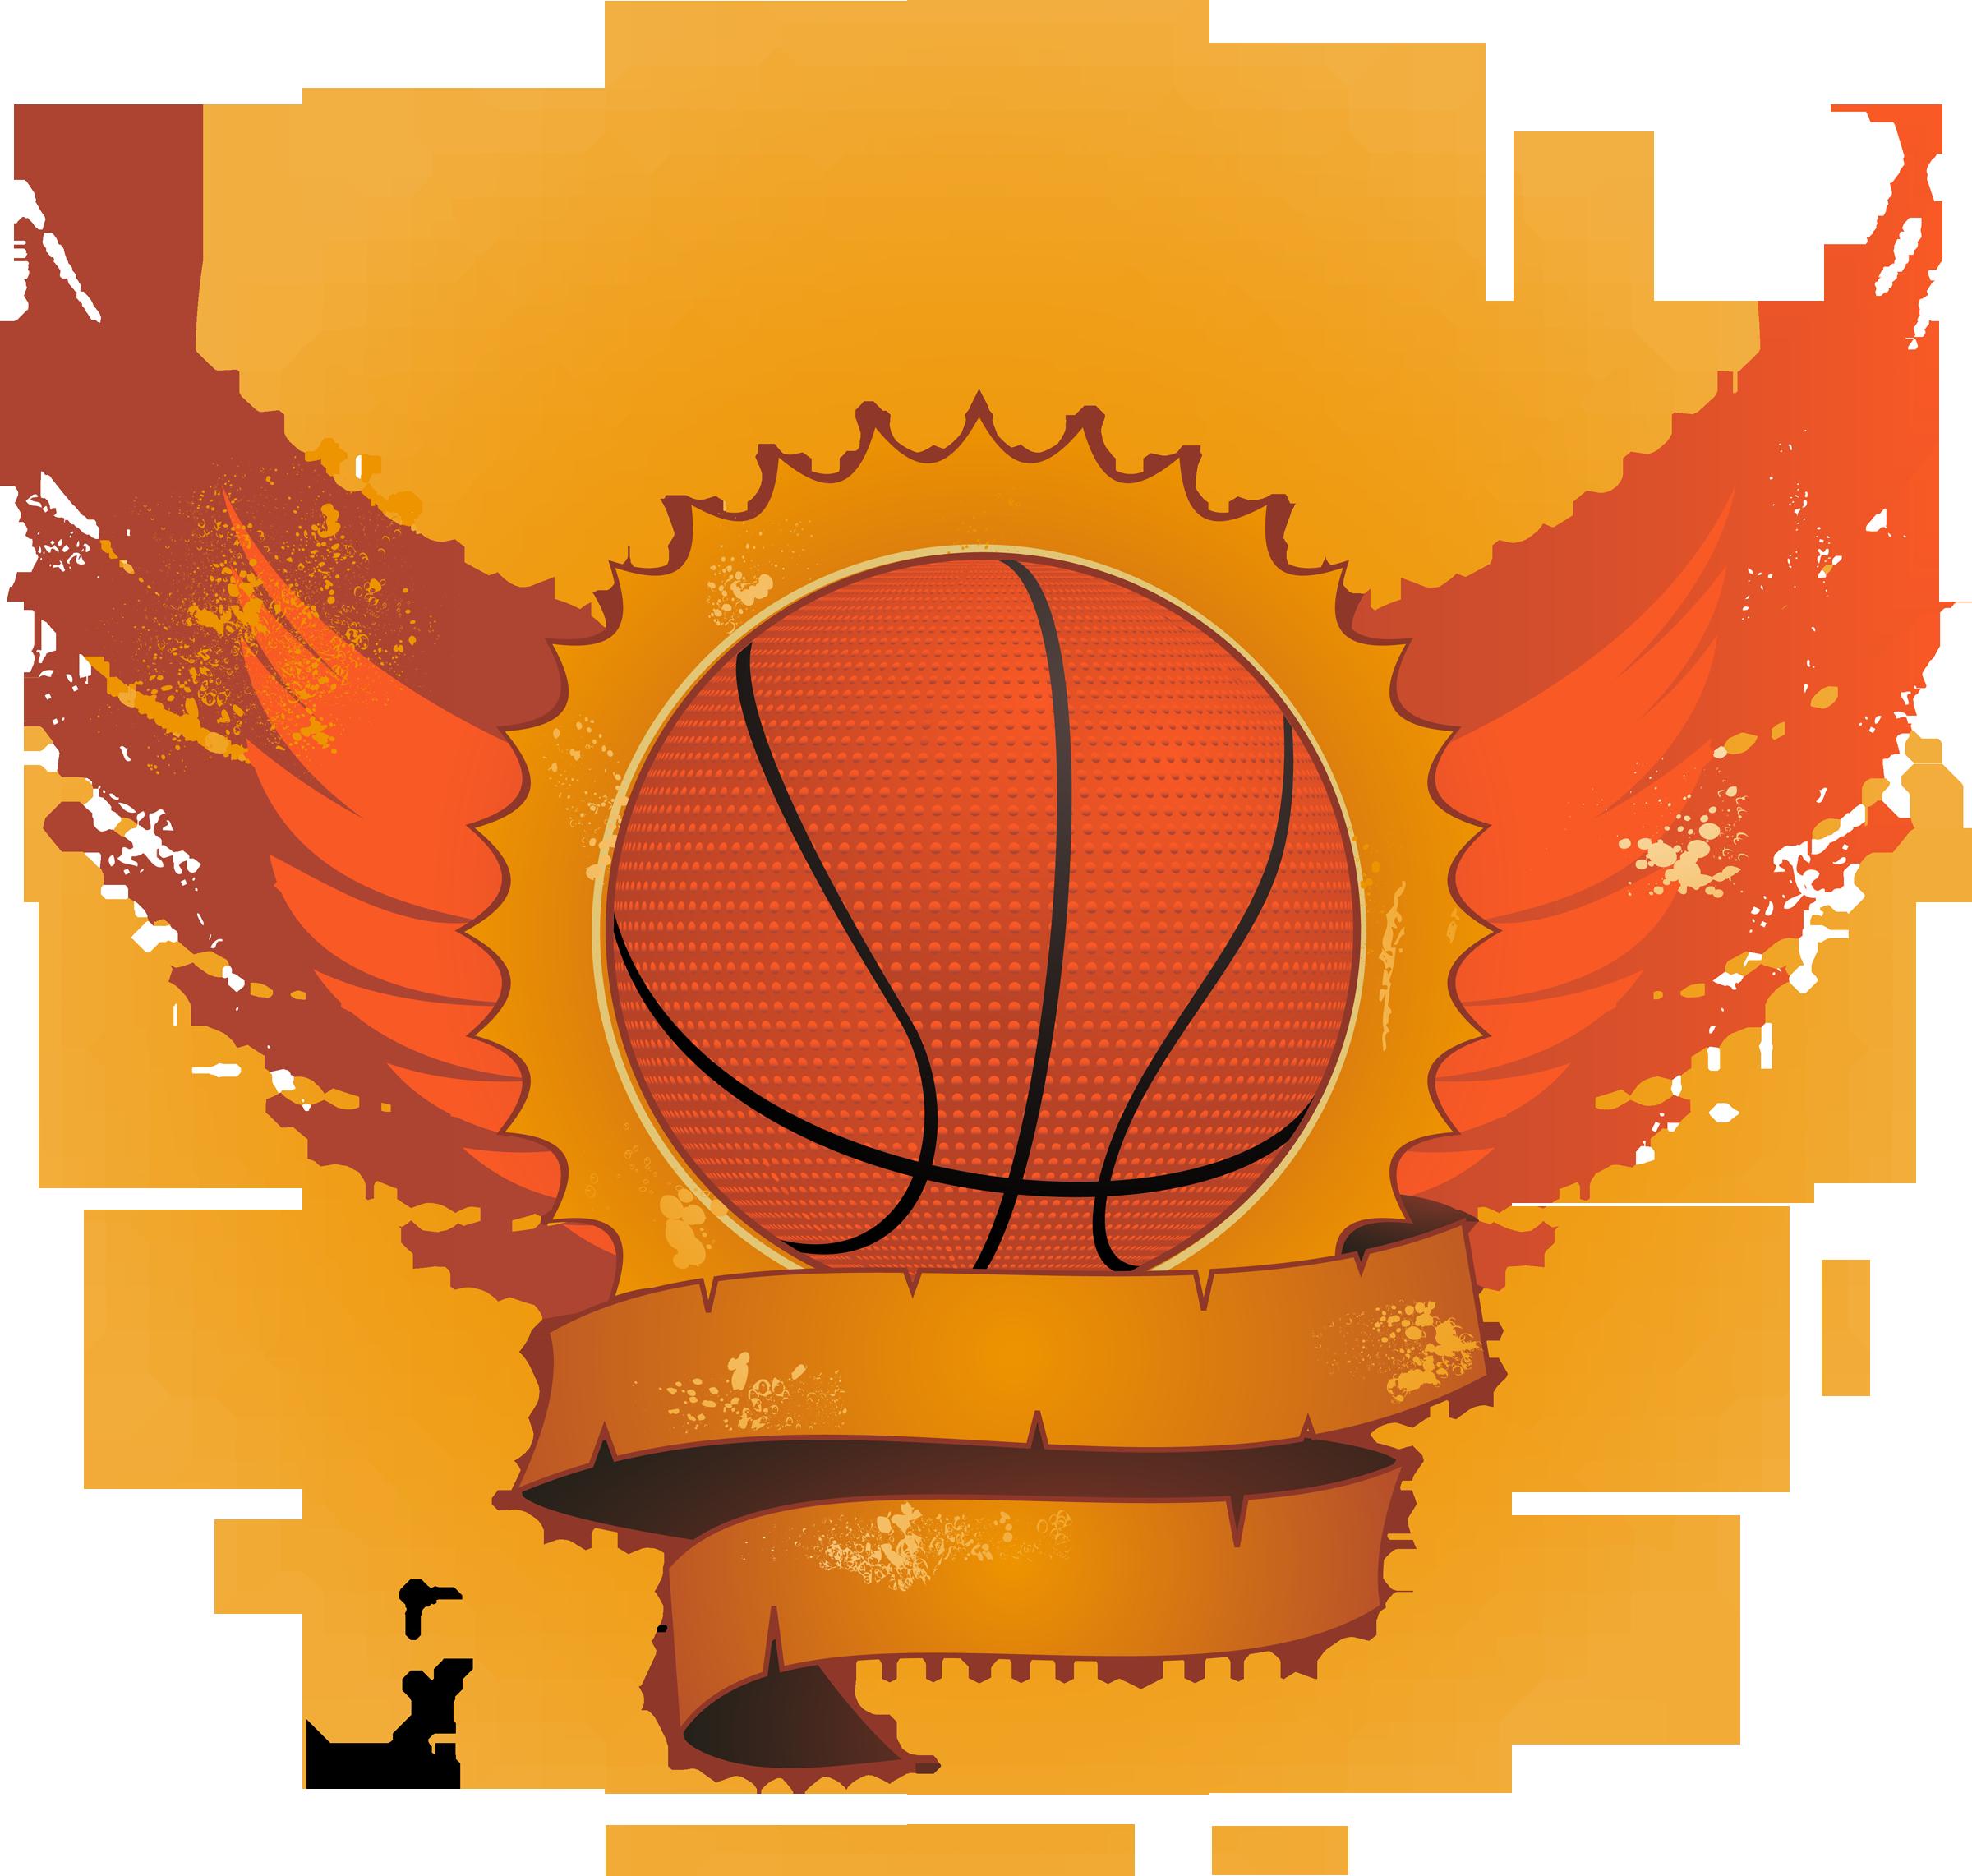 Fire clipart basketball, Fire basketball Transparent FREE